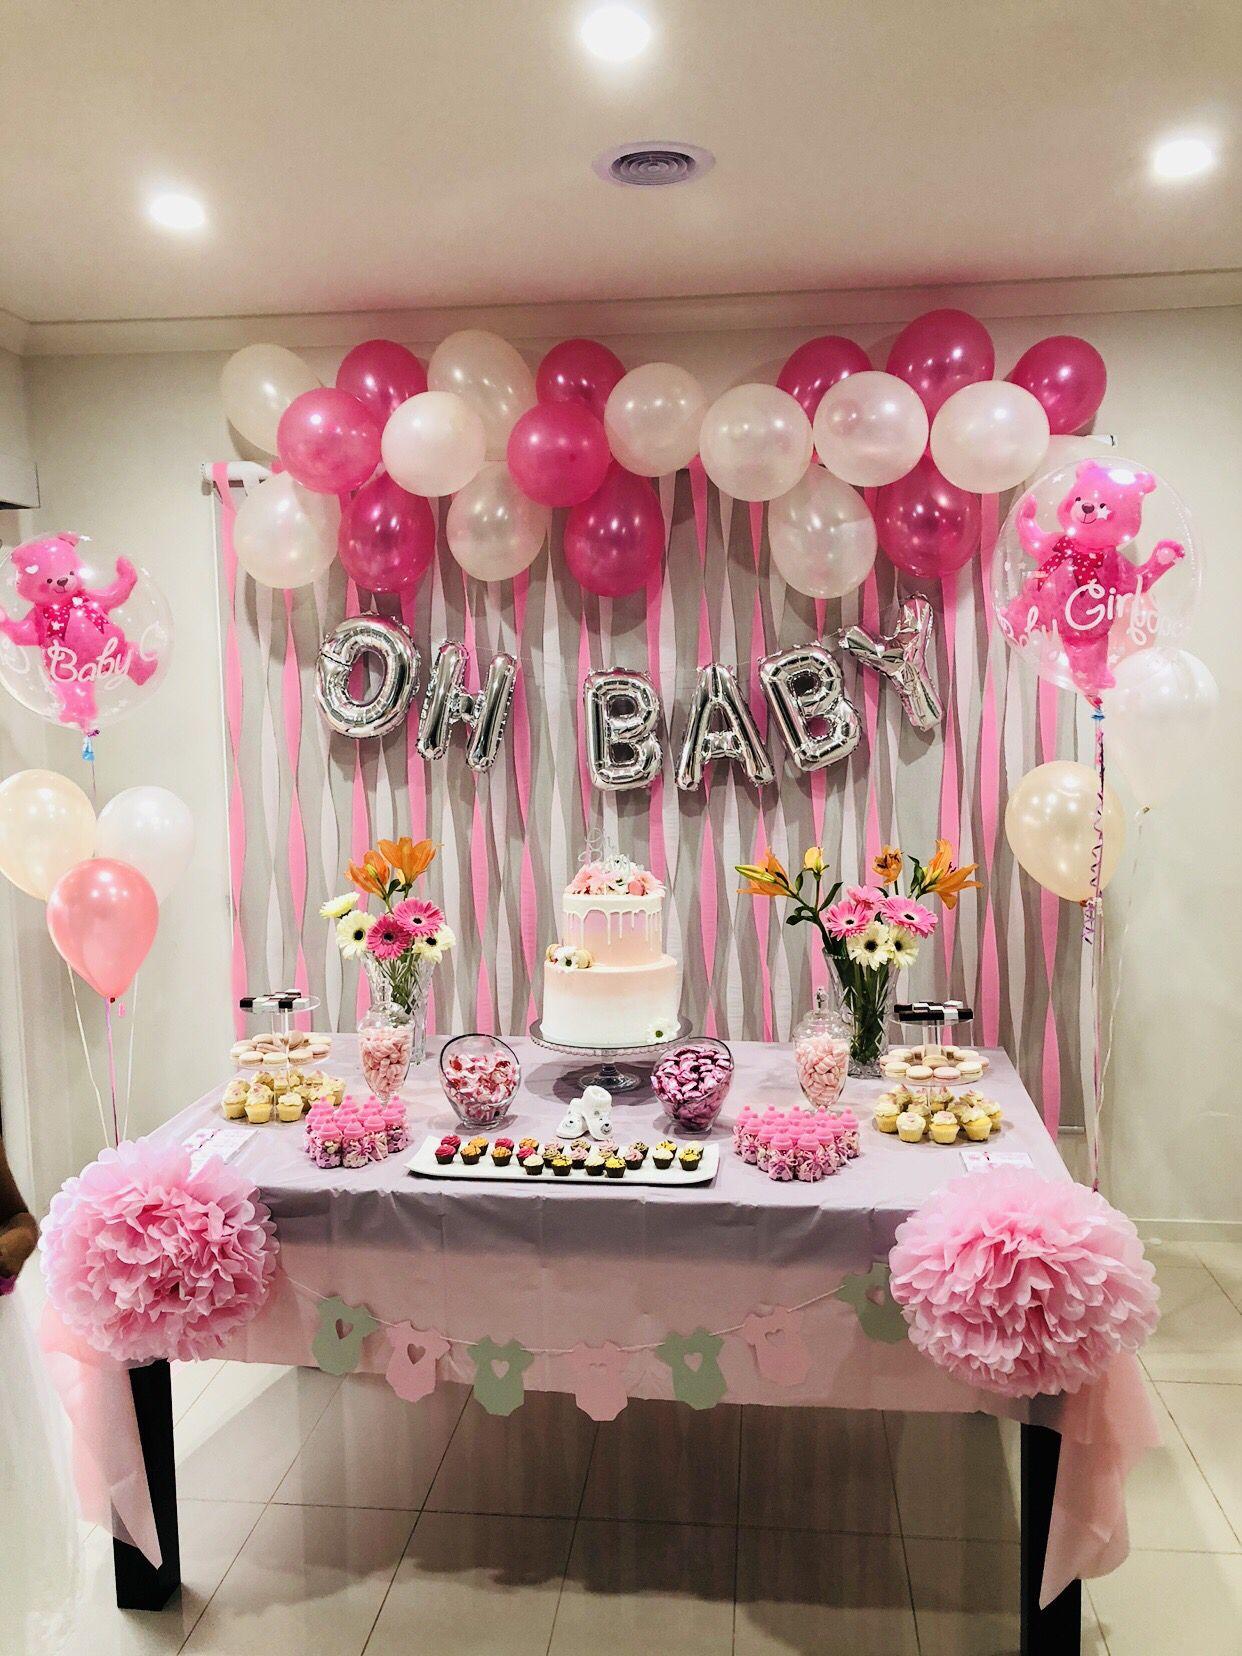 Decoracion Para Baby Shower : decoracion, shower, Shower, #Baby, Decoracion, Cumpleaños,, Fiesta, Niña,, Decoraciones, Niños